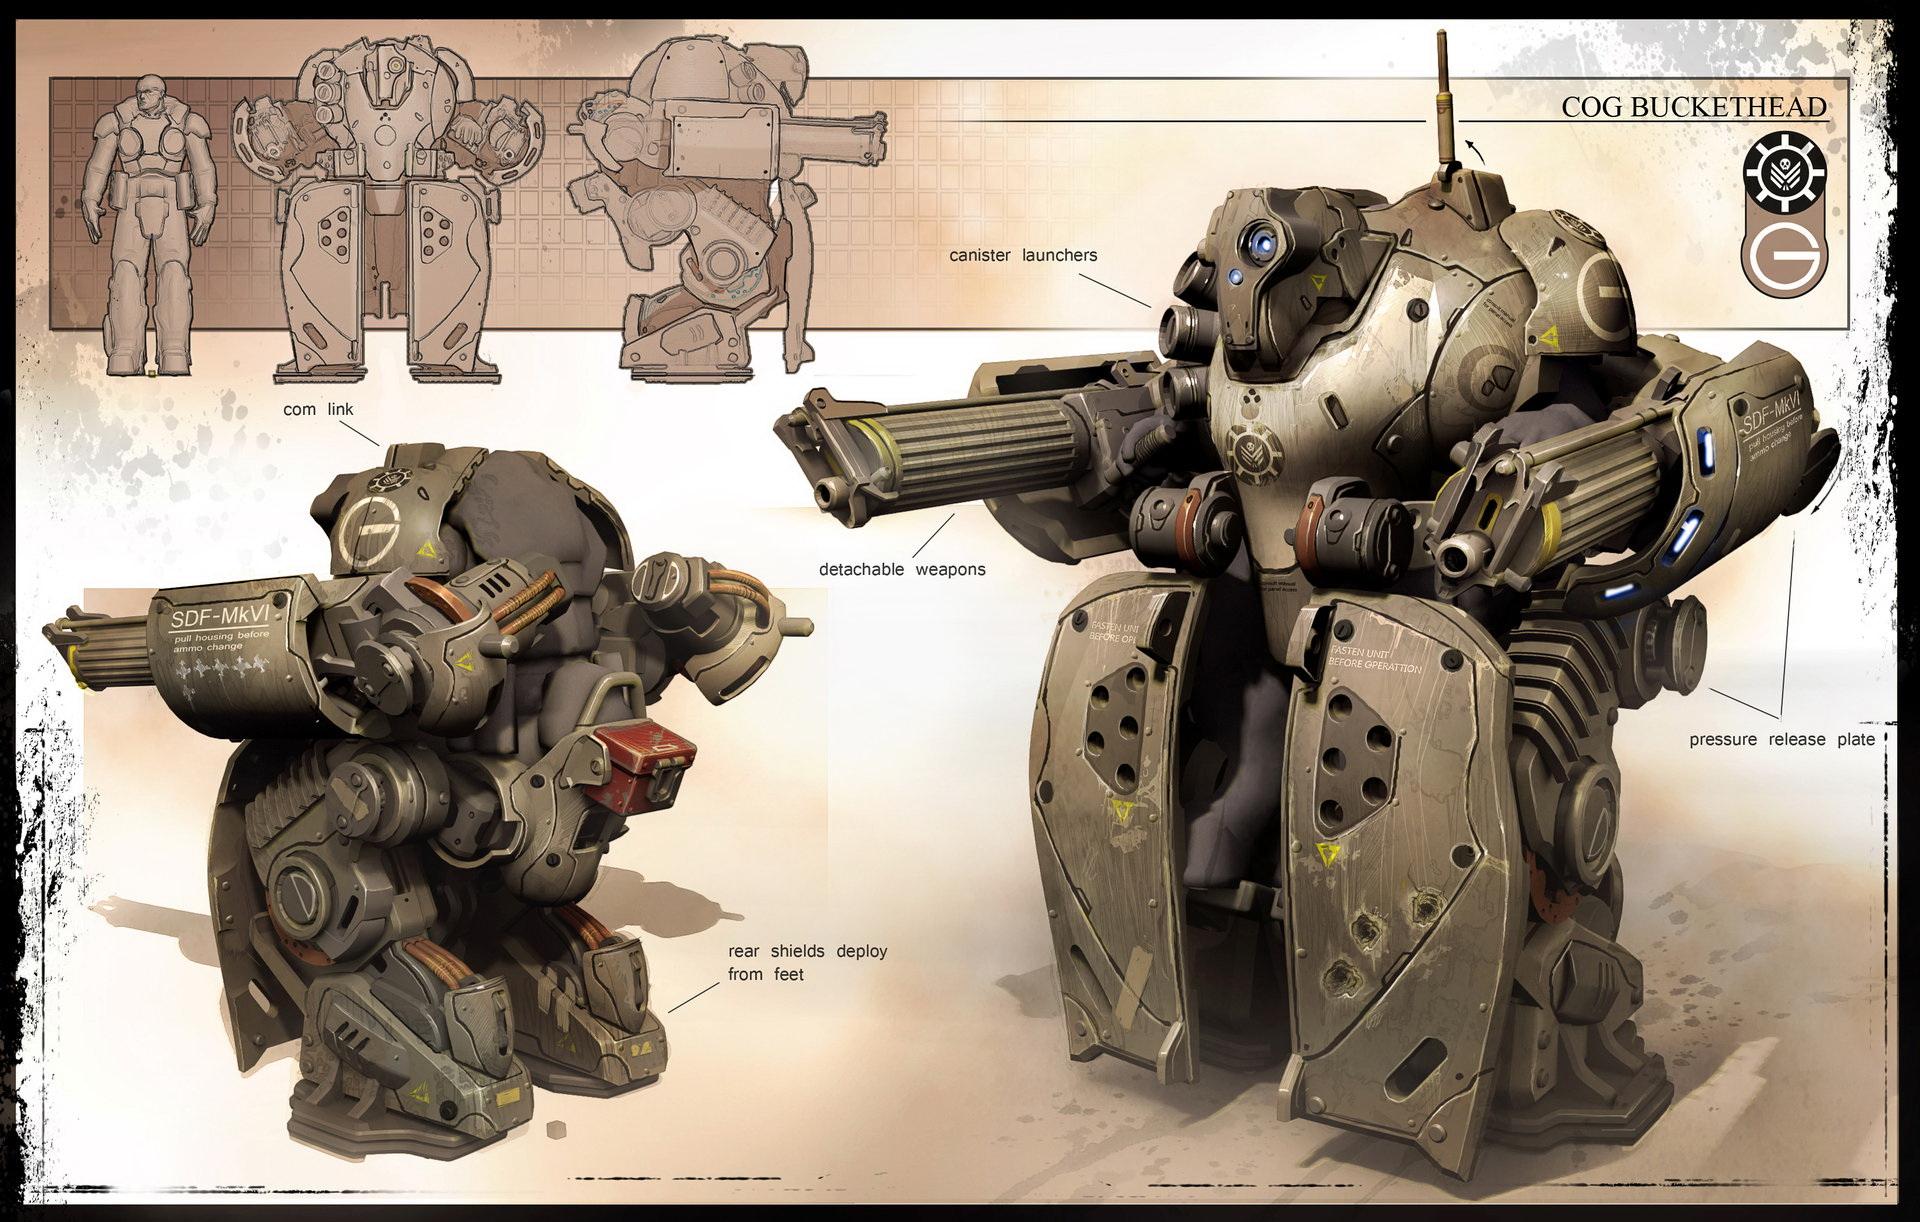 未来科学概念设计,你是喜欢战争机器人还是喜欢人形装甲